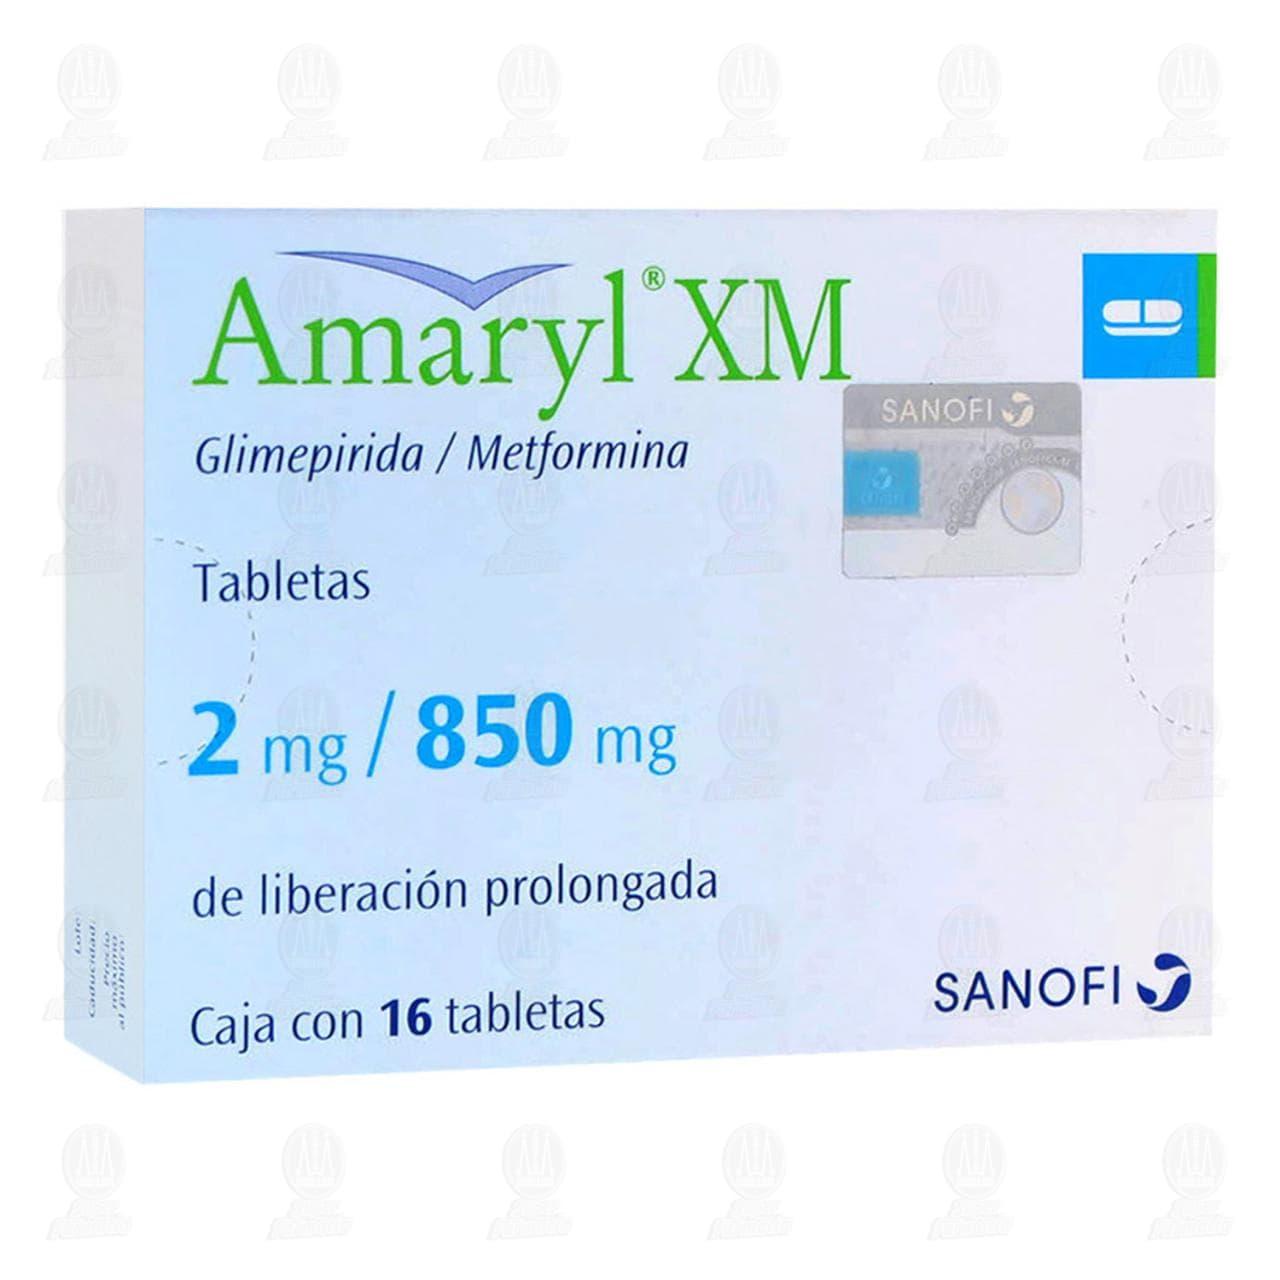 Comprar Amaryl XM 2mg/850mg 16 Tabletas en Farmacias Guadalajara